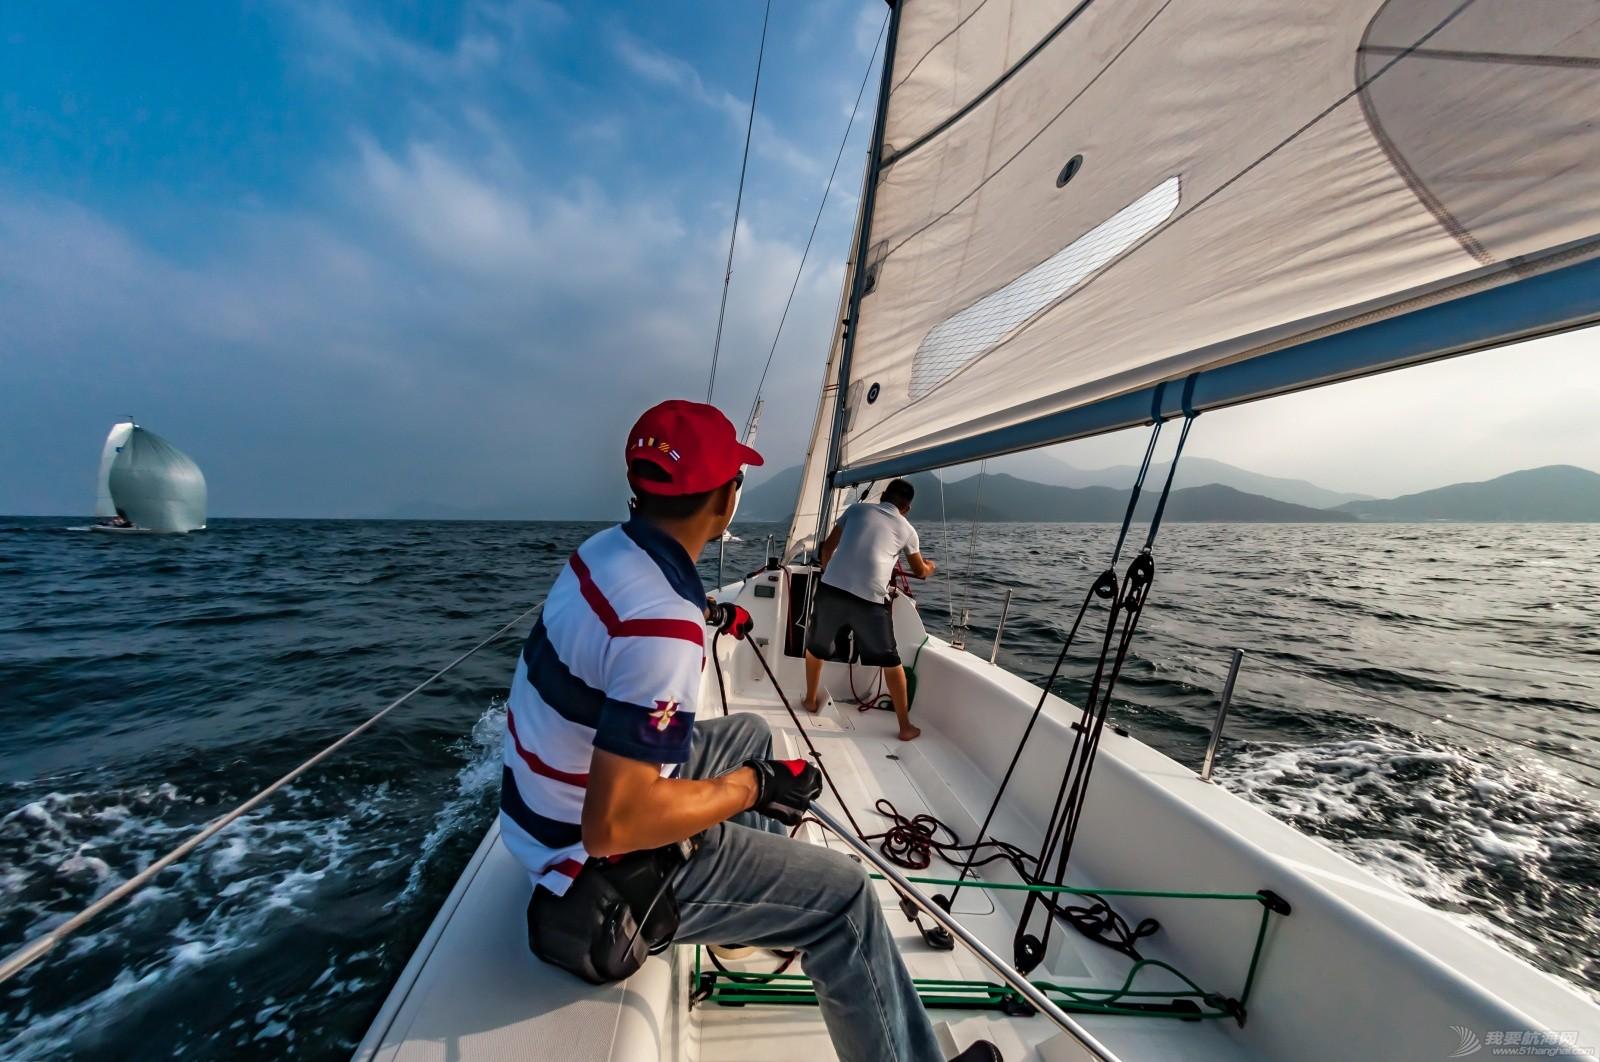 帆船 【2015大鹏杯帆船赛】鱼眼看航海 16023.jpg